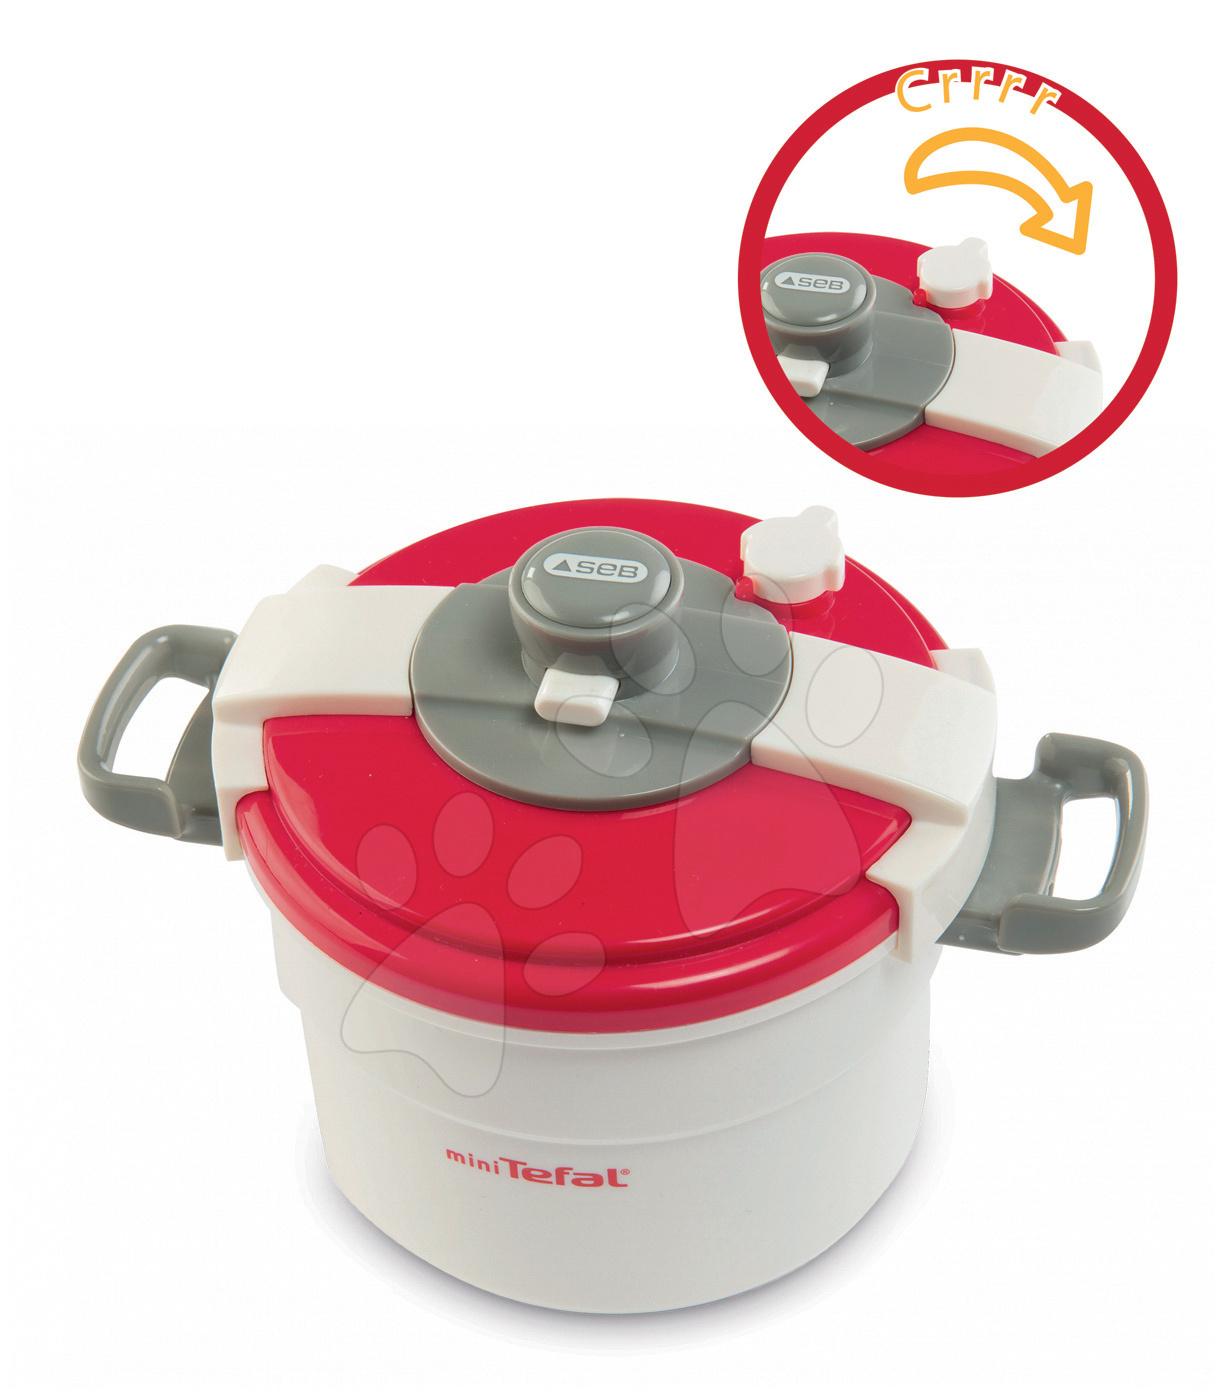 Spotrebiče do kuchynky - Tlakový hrniec Tefal Clipso Smoby s červenou pokrievkou